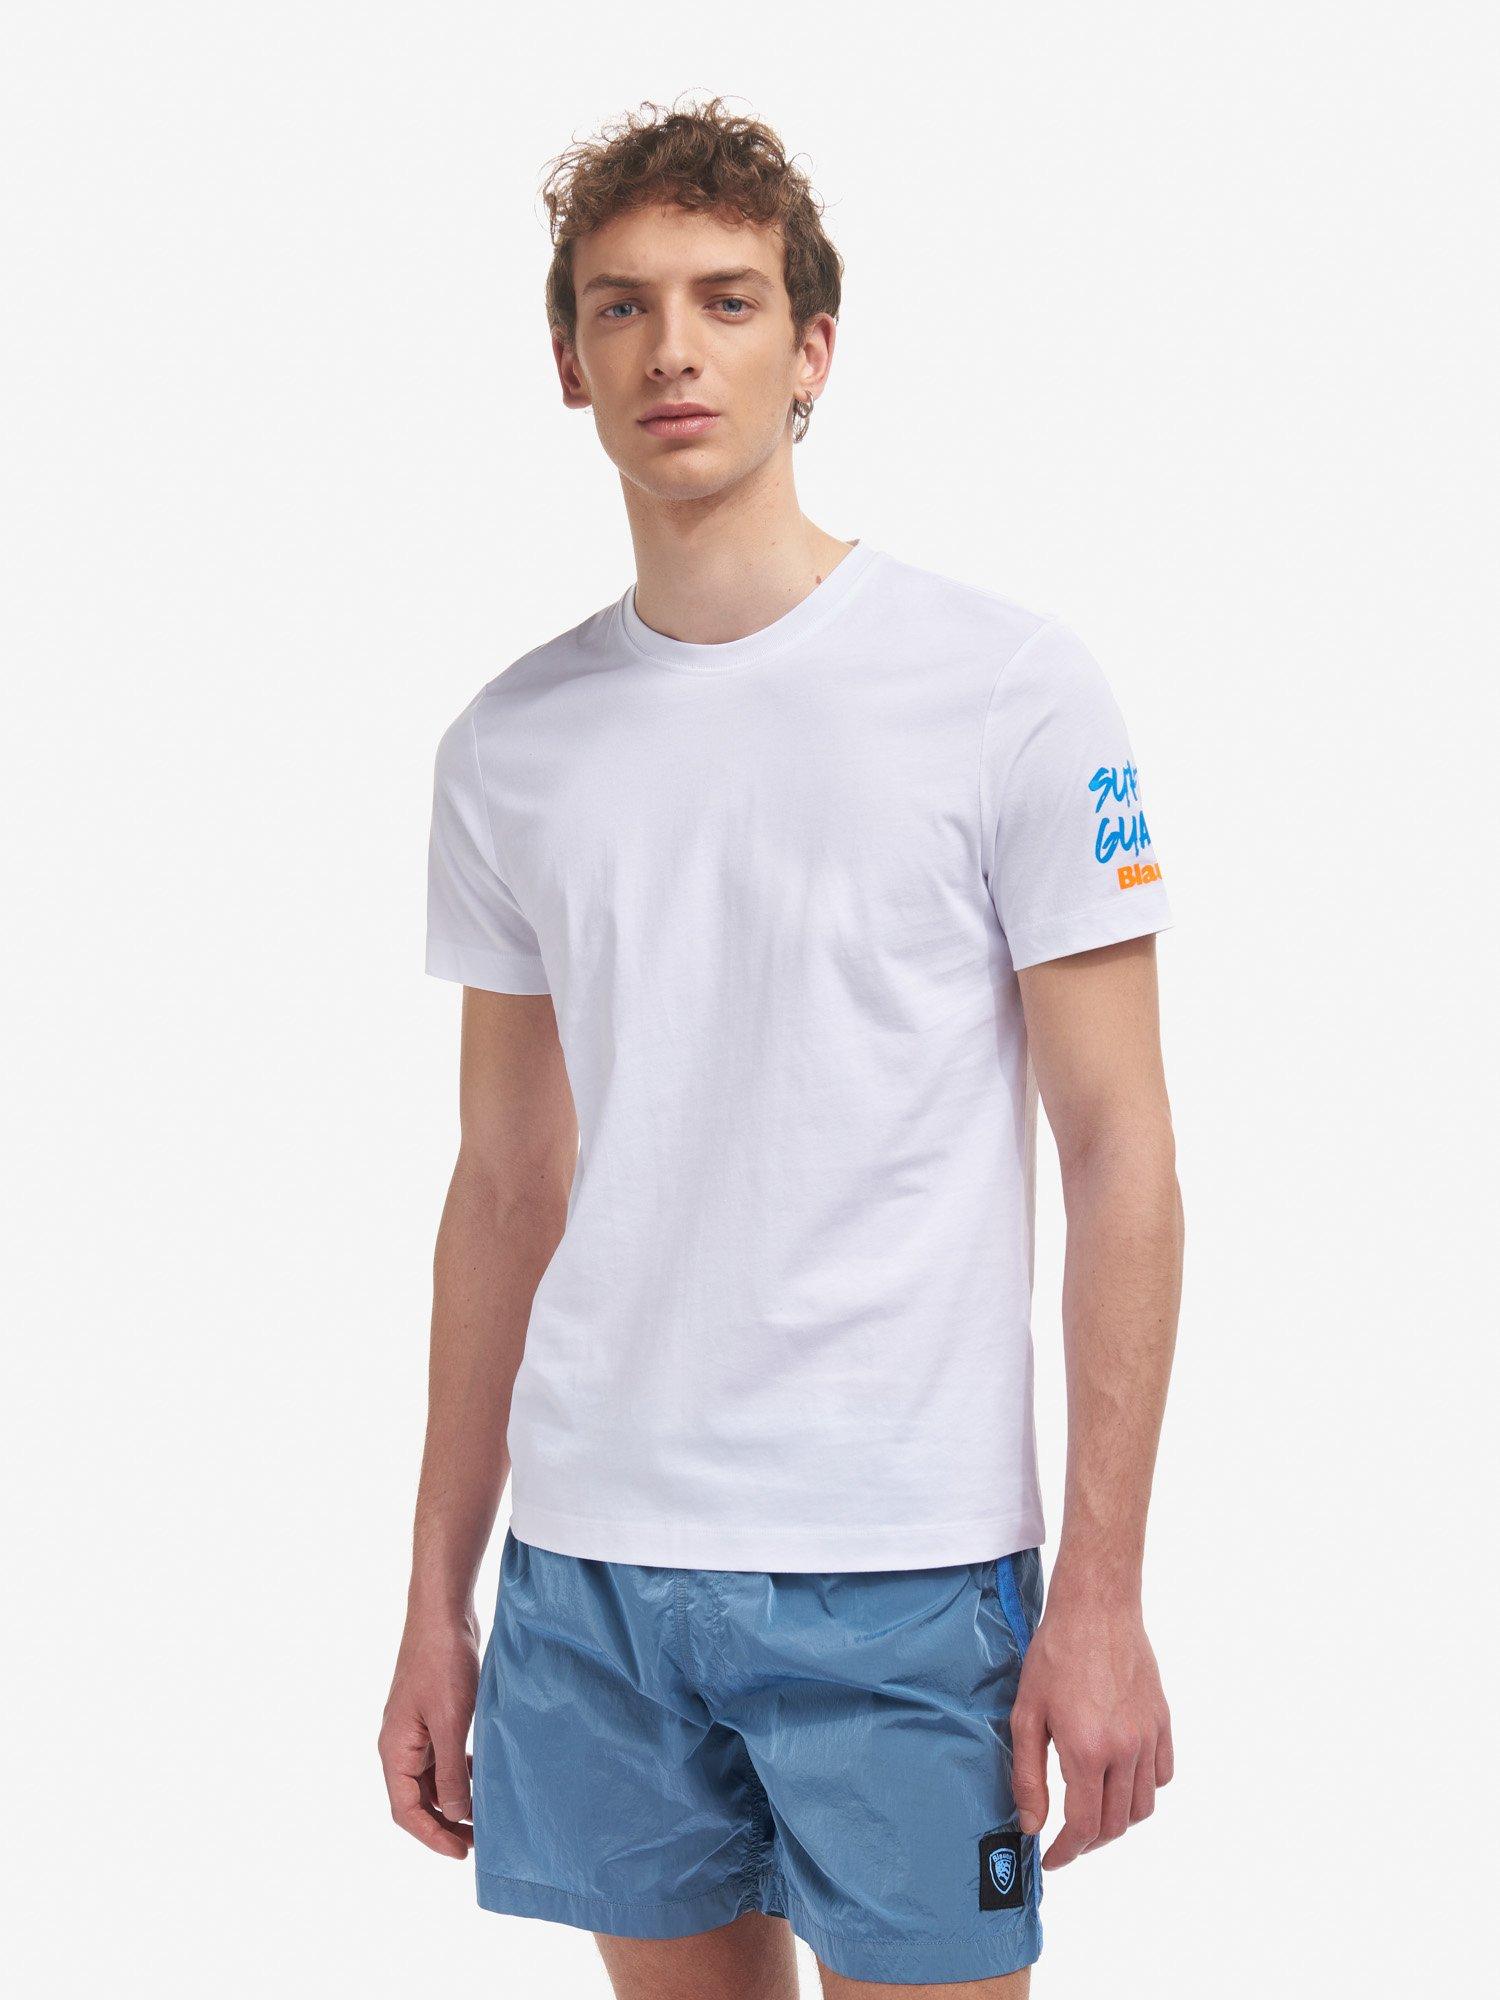 MIAMI BEACH T-SHIRT - Blauer